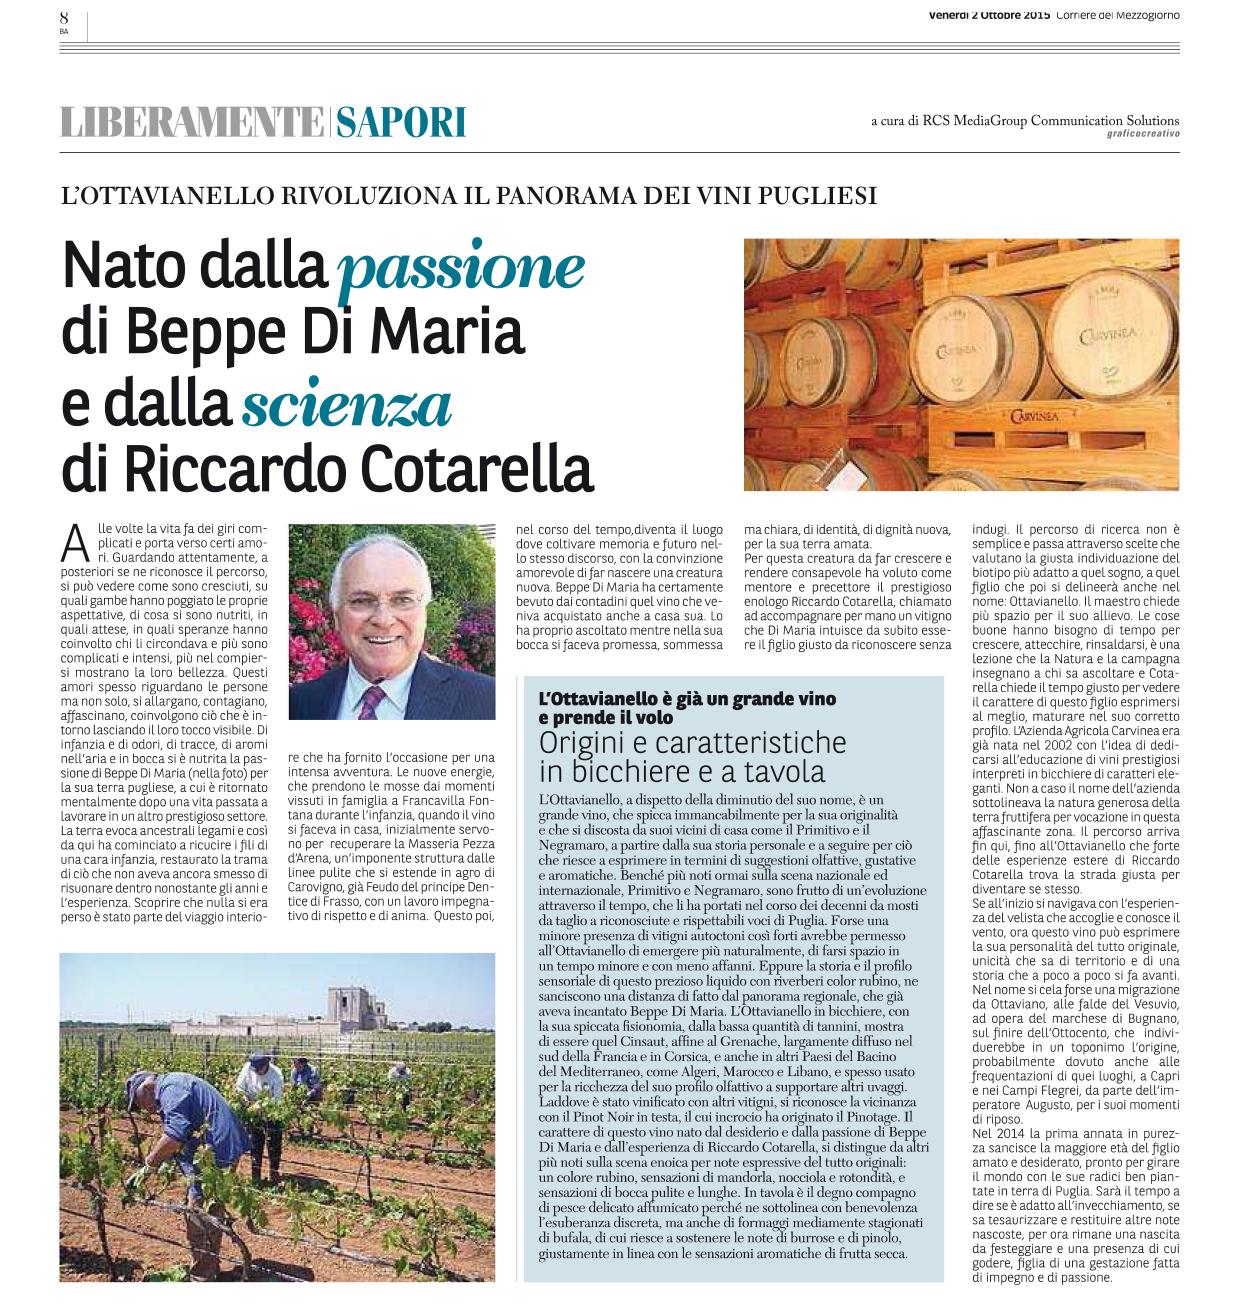 Articolo pubblicato sul Corriere del Mezzogiorno il 2 ottobre 2015 in cui si parla delle attività di Carvinea e dell'imminente uscita del suo nuovo vino prodotto da uve Ottavianello Ostuni.